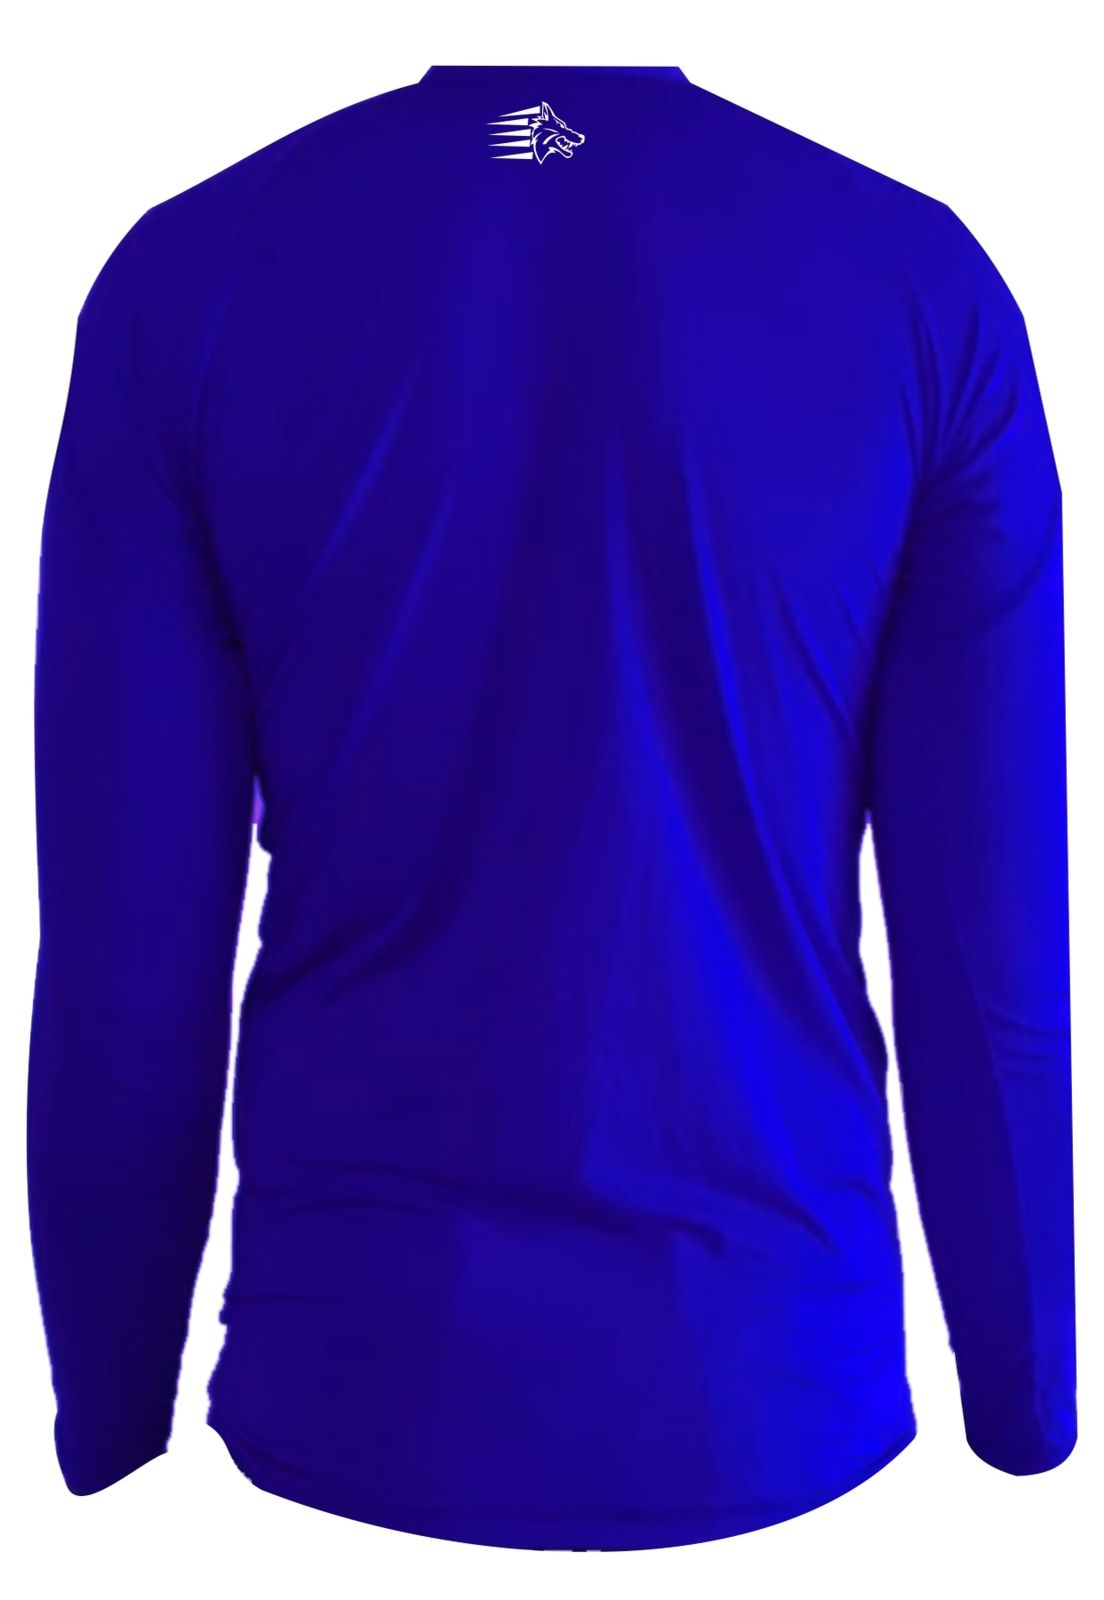 Camisa de Proteção Solar Manga Longa - UV-50+ Praia e Piscina - Azul  - Loja do Competidor